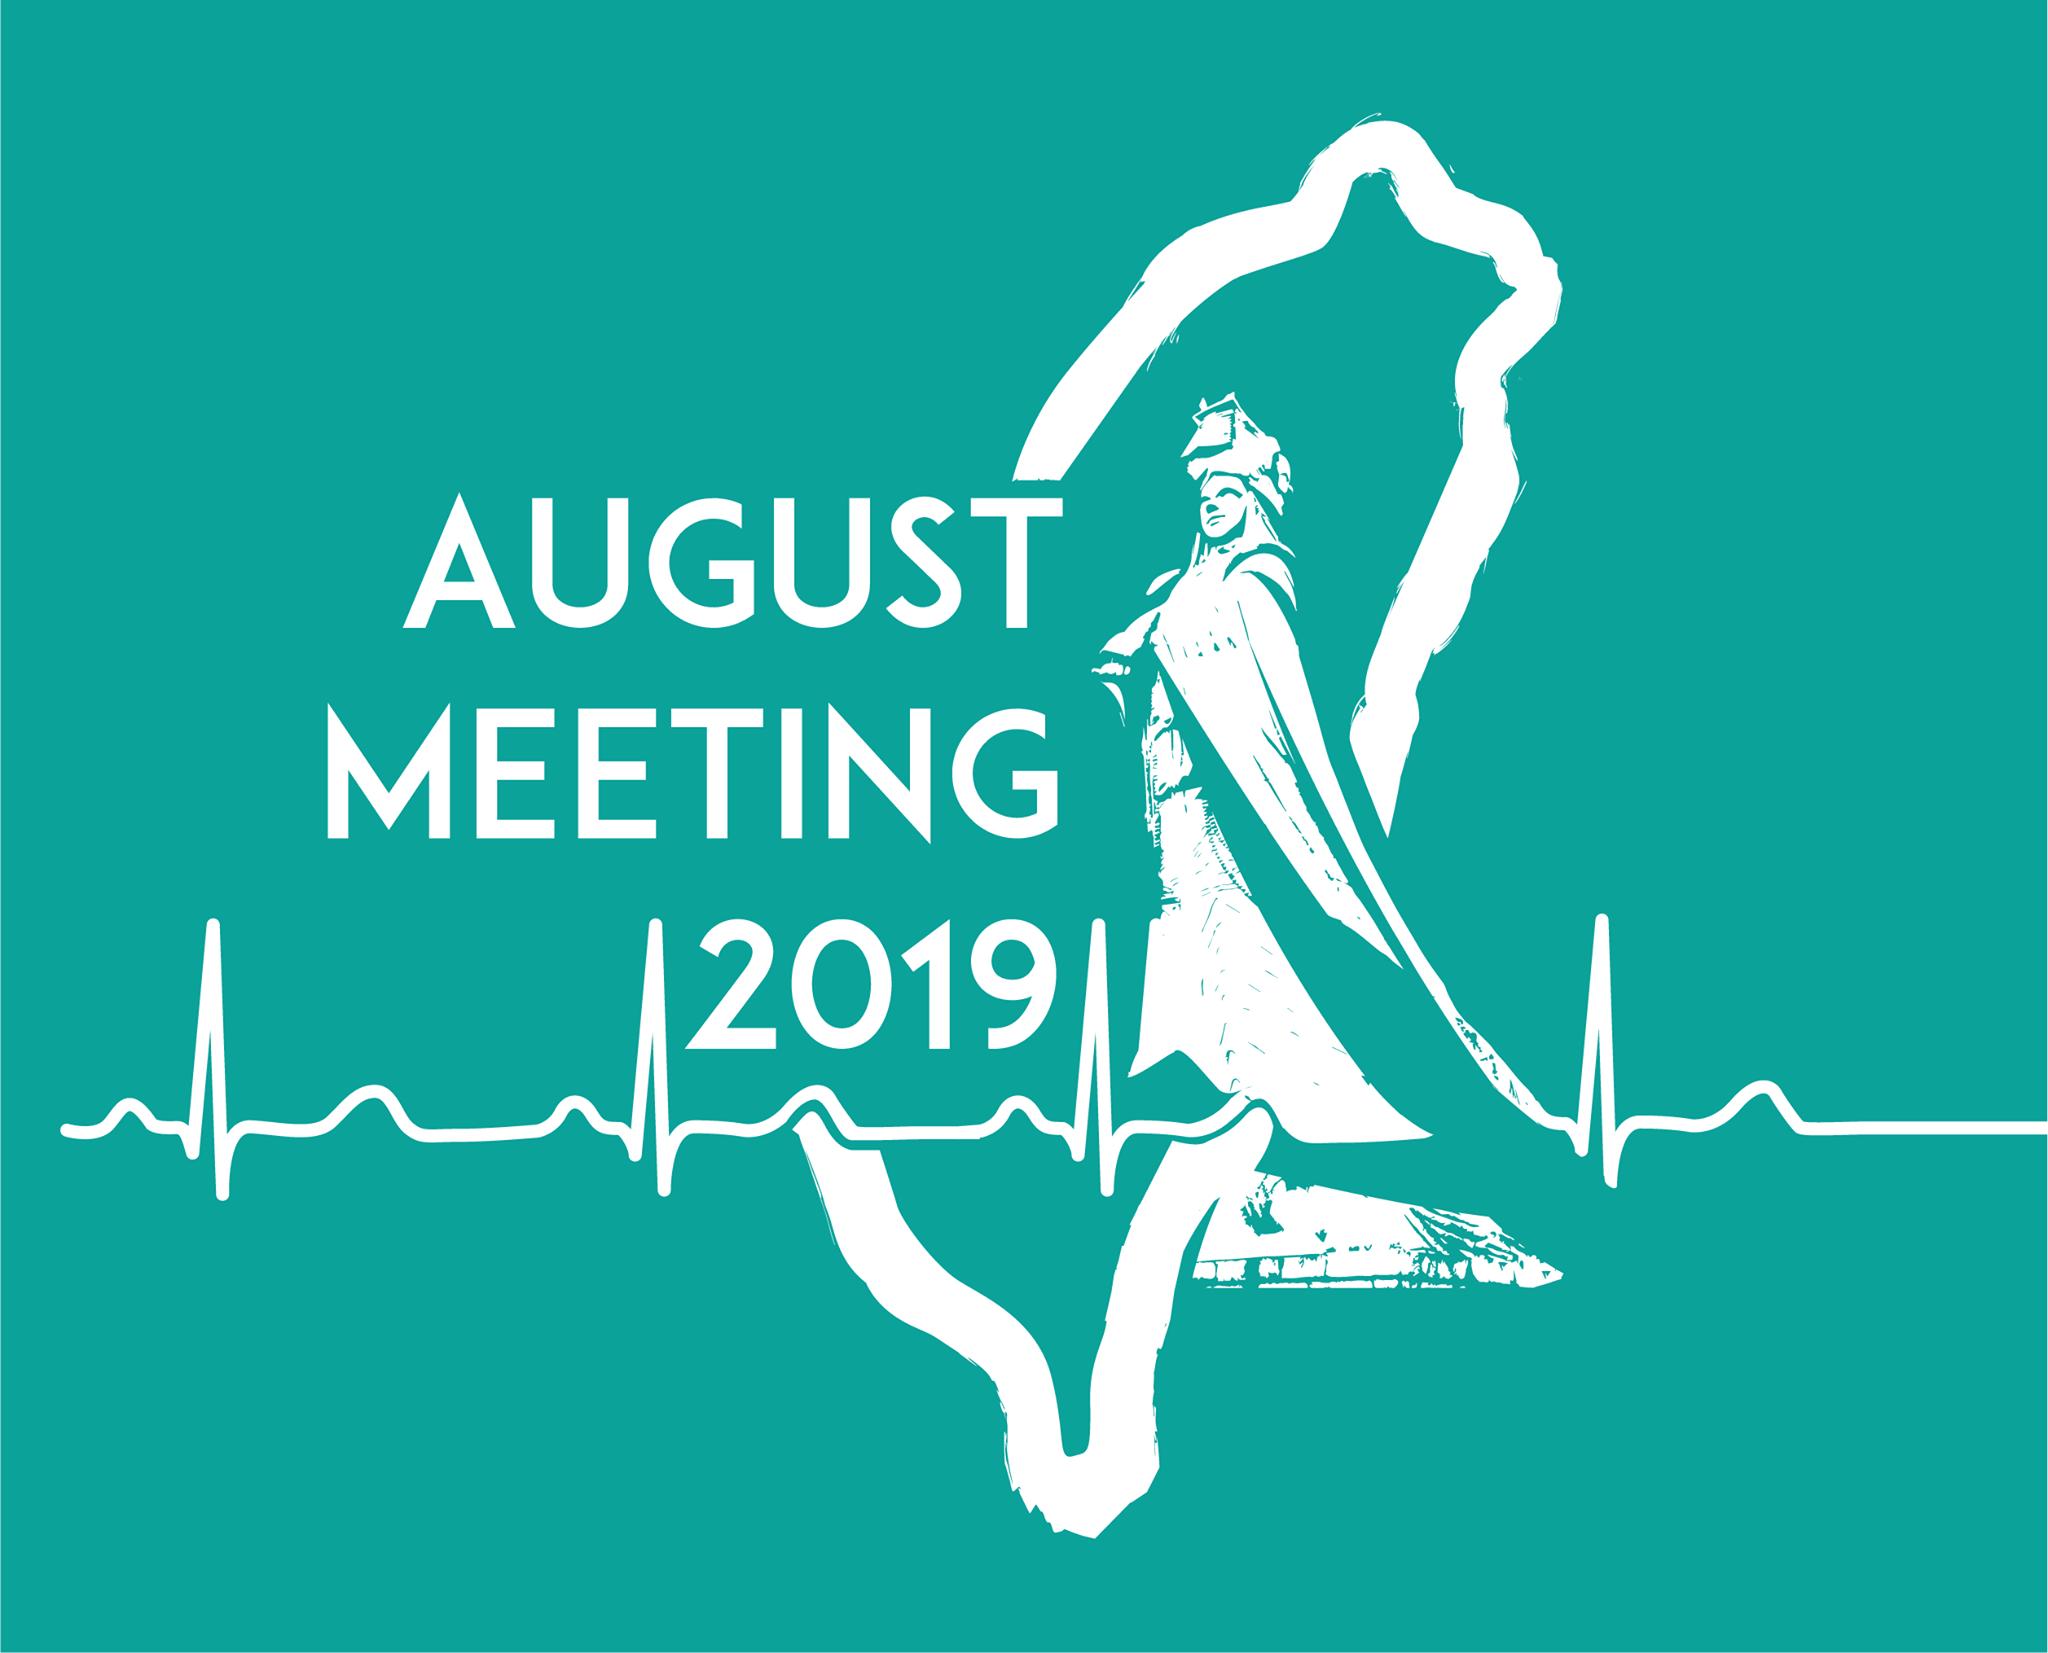 Razpis za delegacijo IFMSA AM 2019